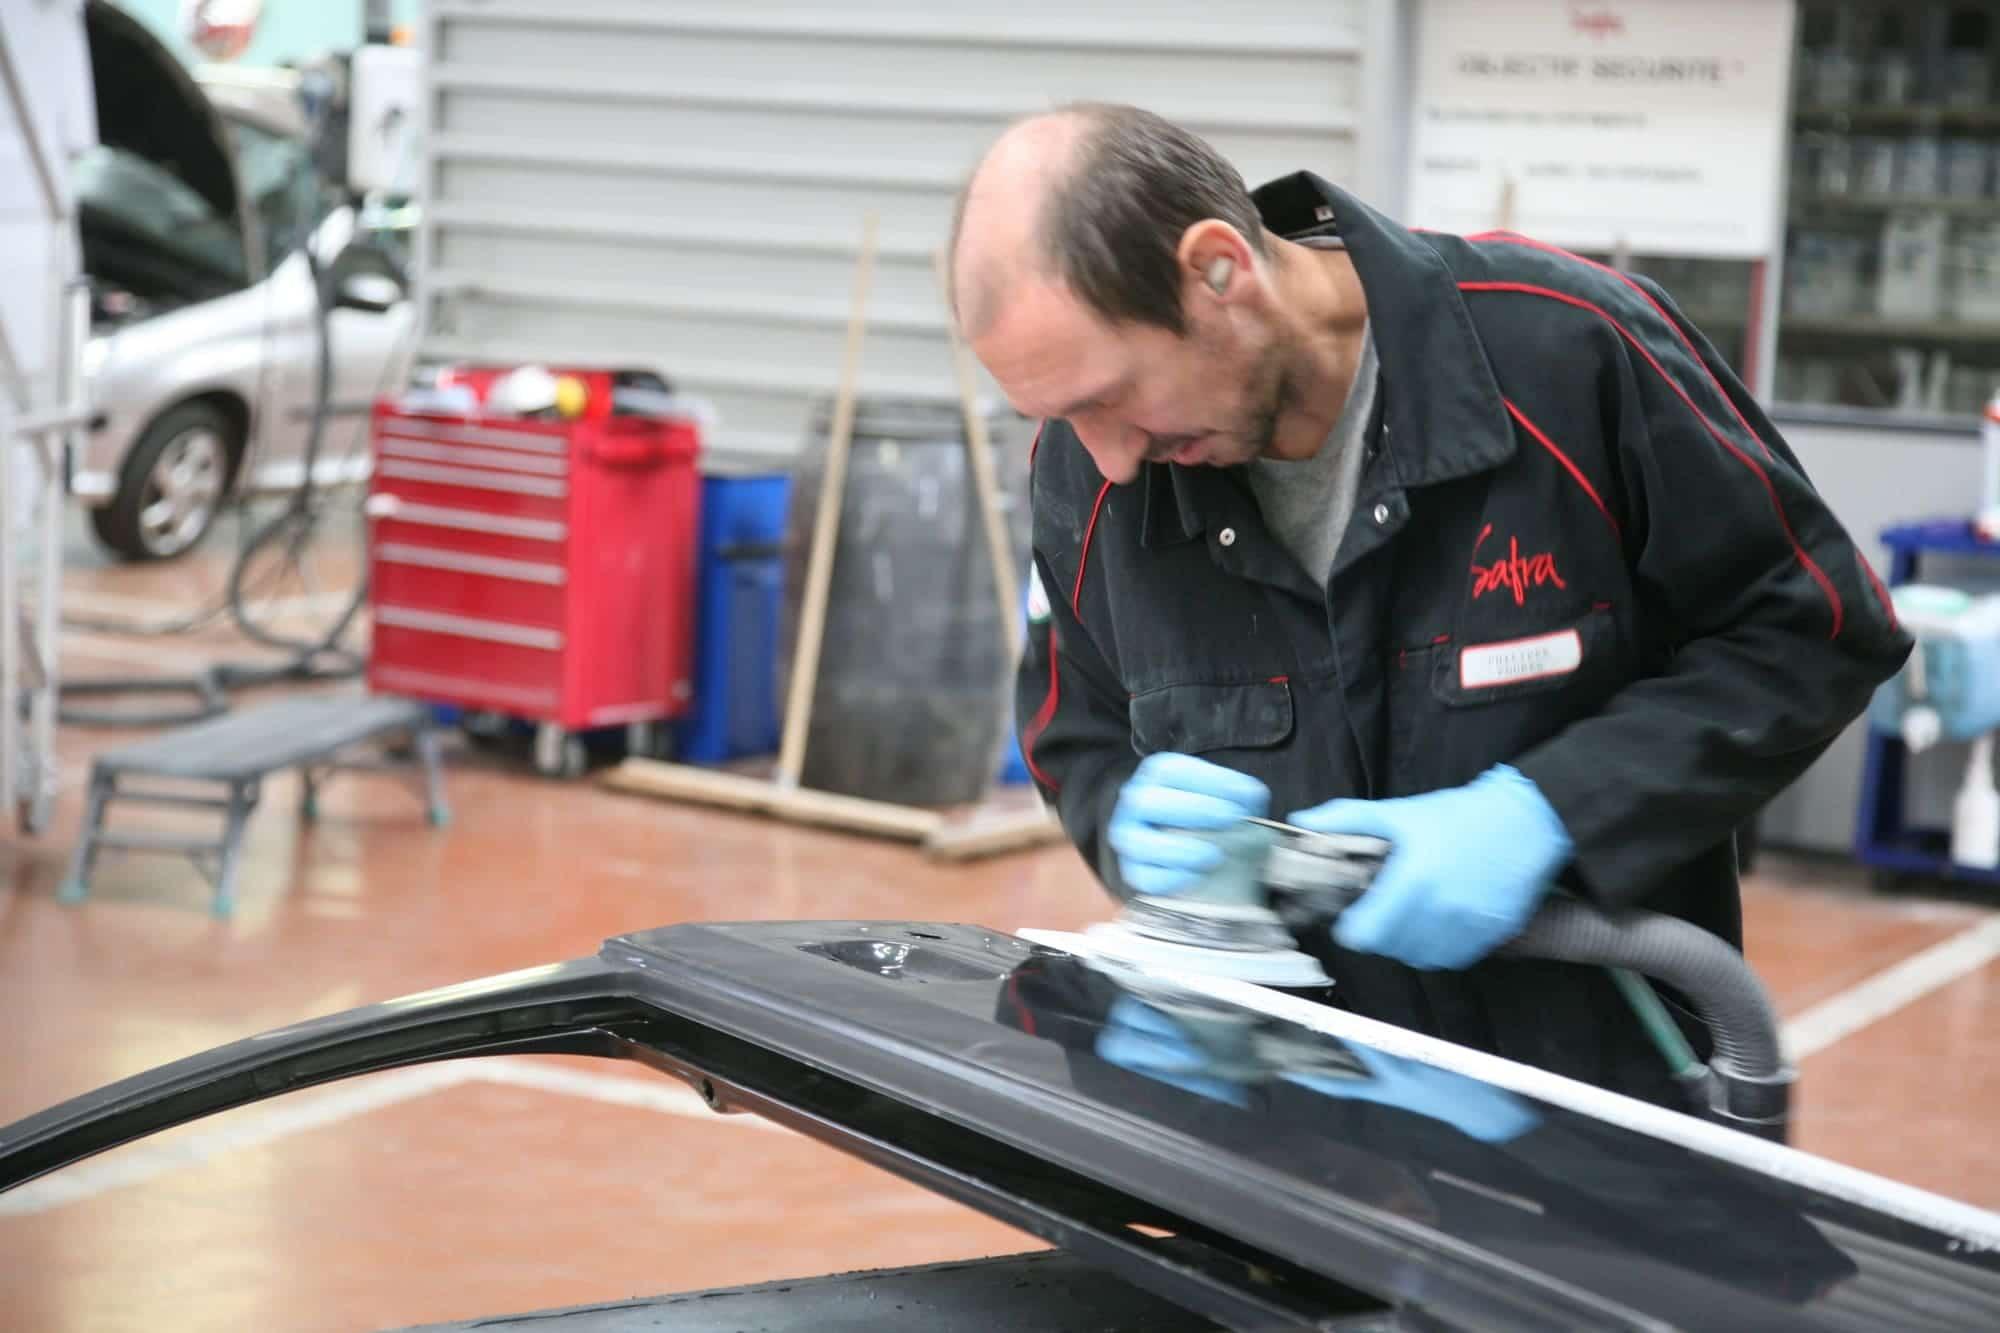 Carrossier de SAFRA Automobile qui ponce la carrosserie d'un véhicule